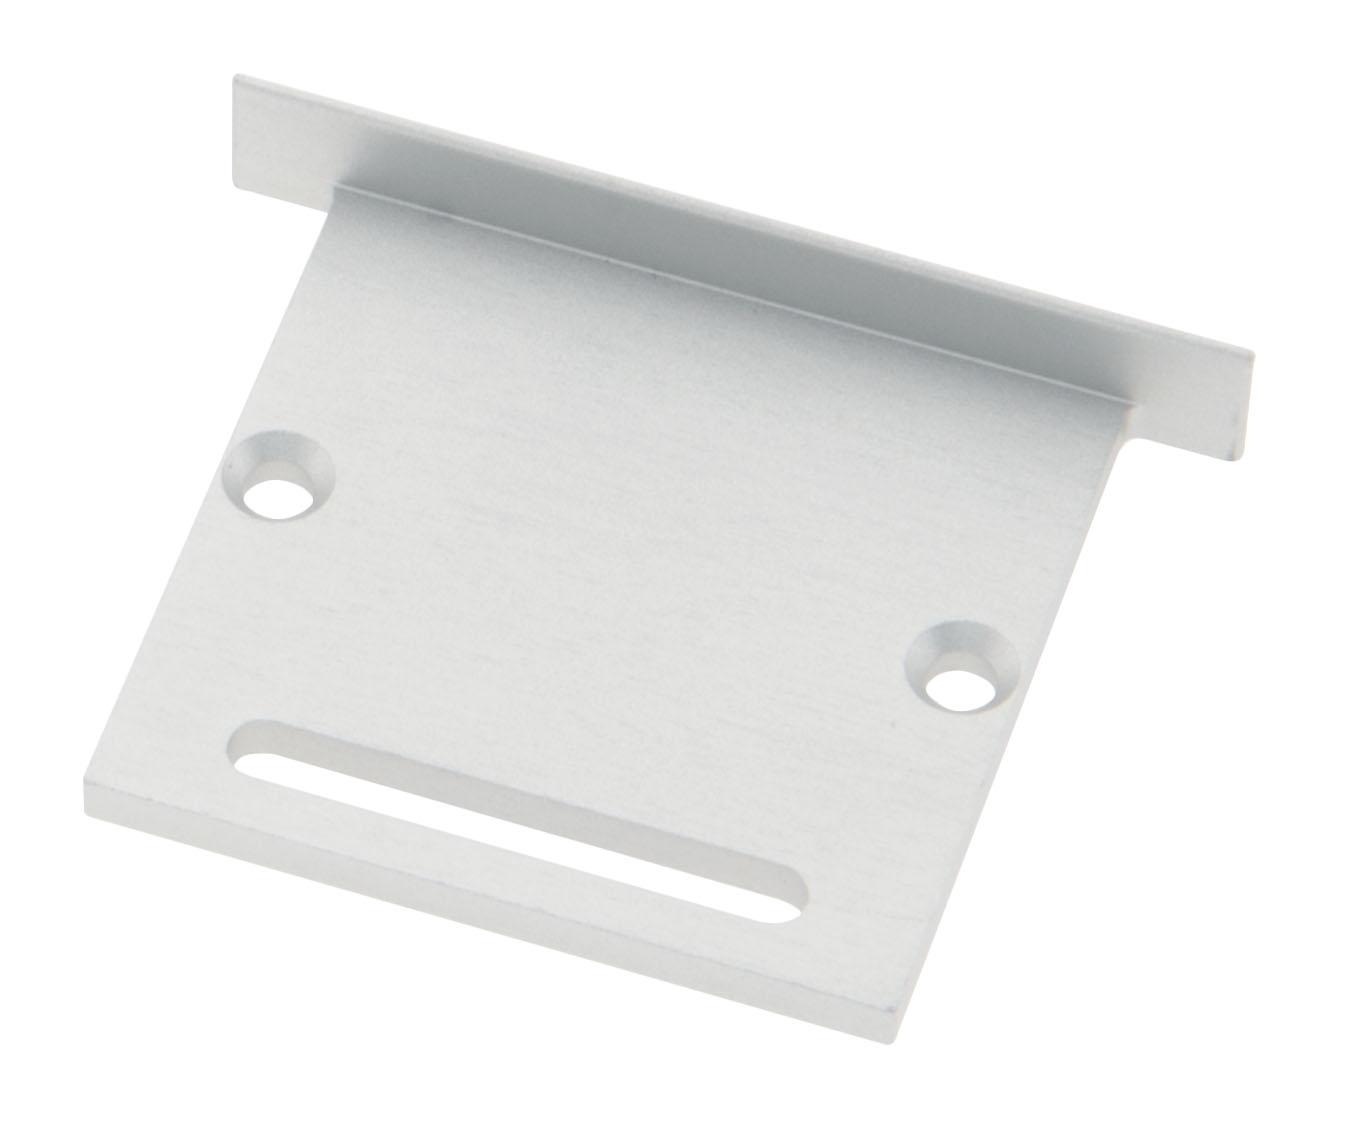 1 Stk Profil Endkappe CLI Flach mit Langloch inkl. Schrauben LIEK006301